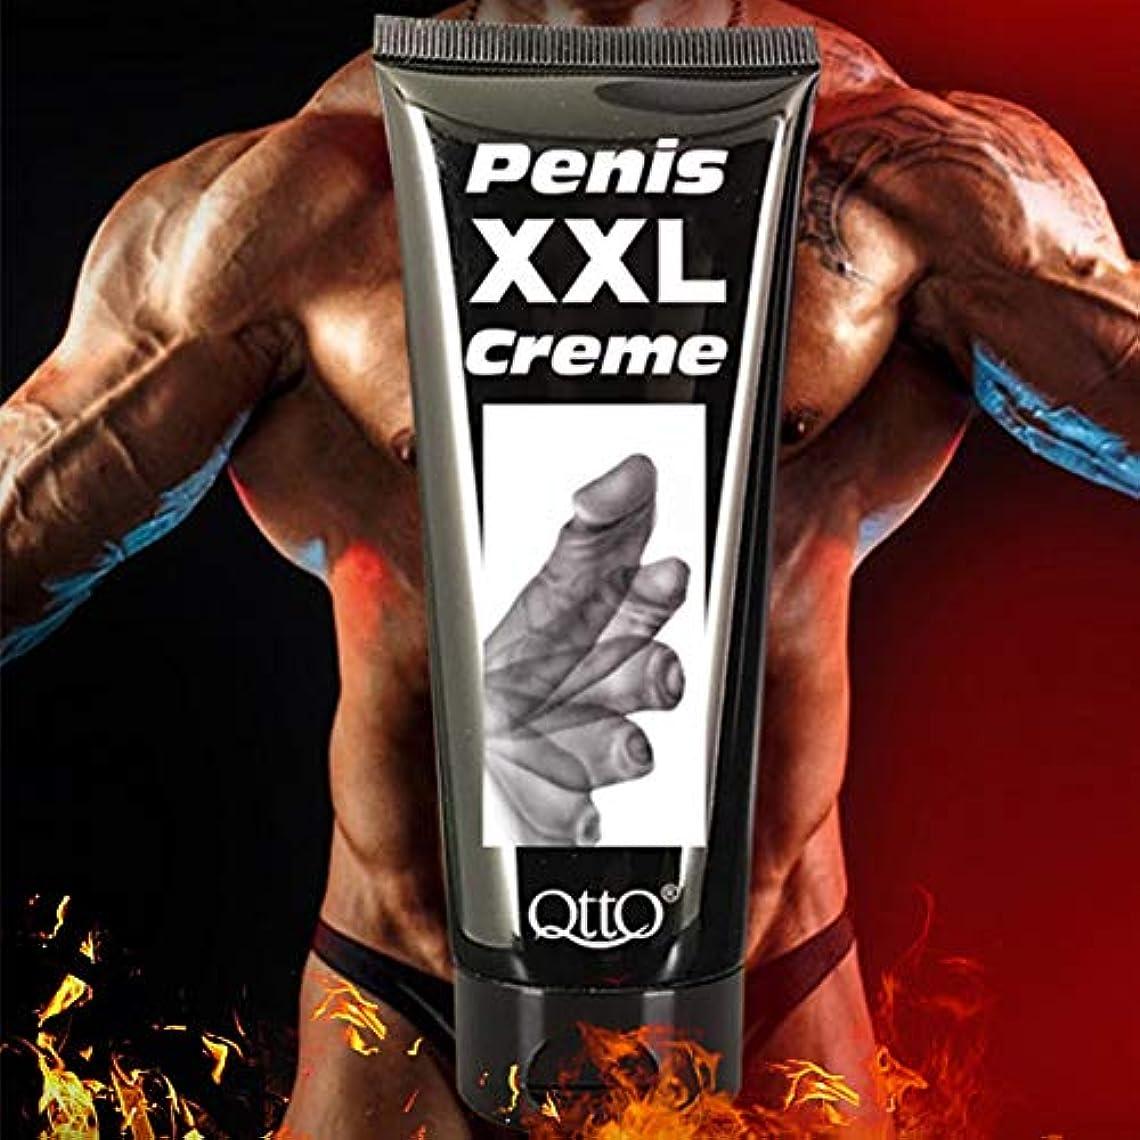 魅力雑草荒れ地Balai 男性用 ペニス拡大 クリームビッグディック 濃厚化成長強化パフォーマンス セックス製品